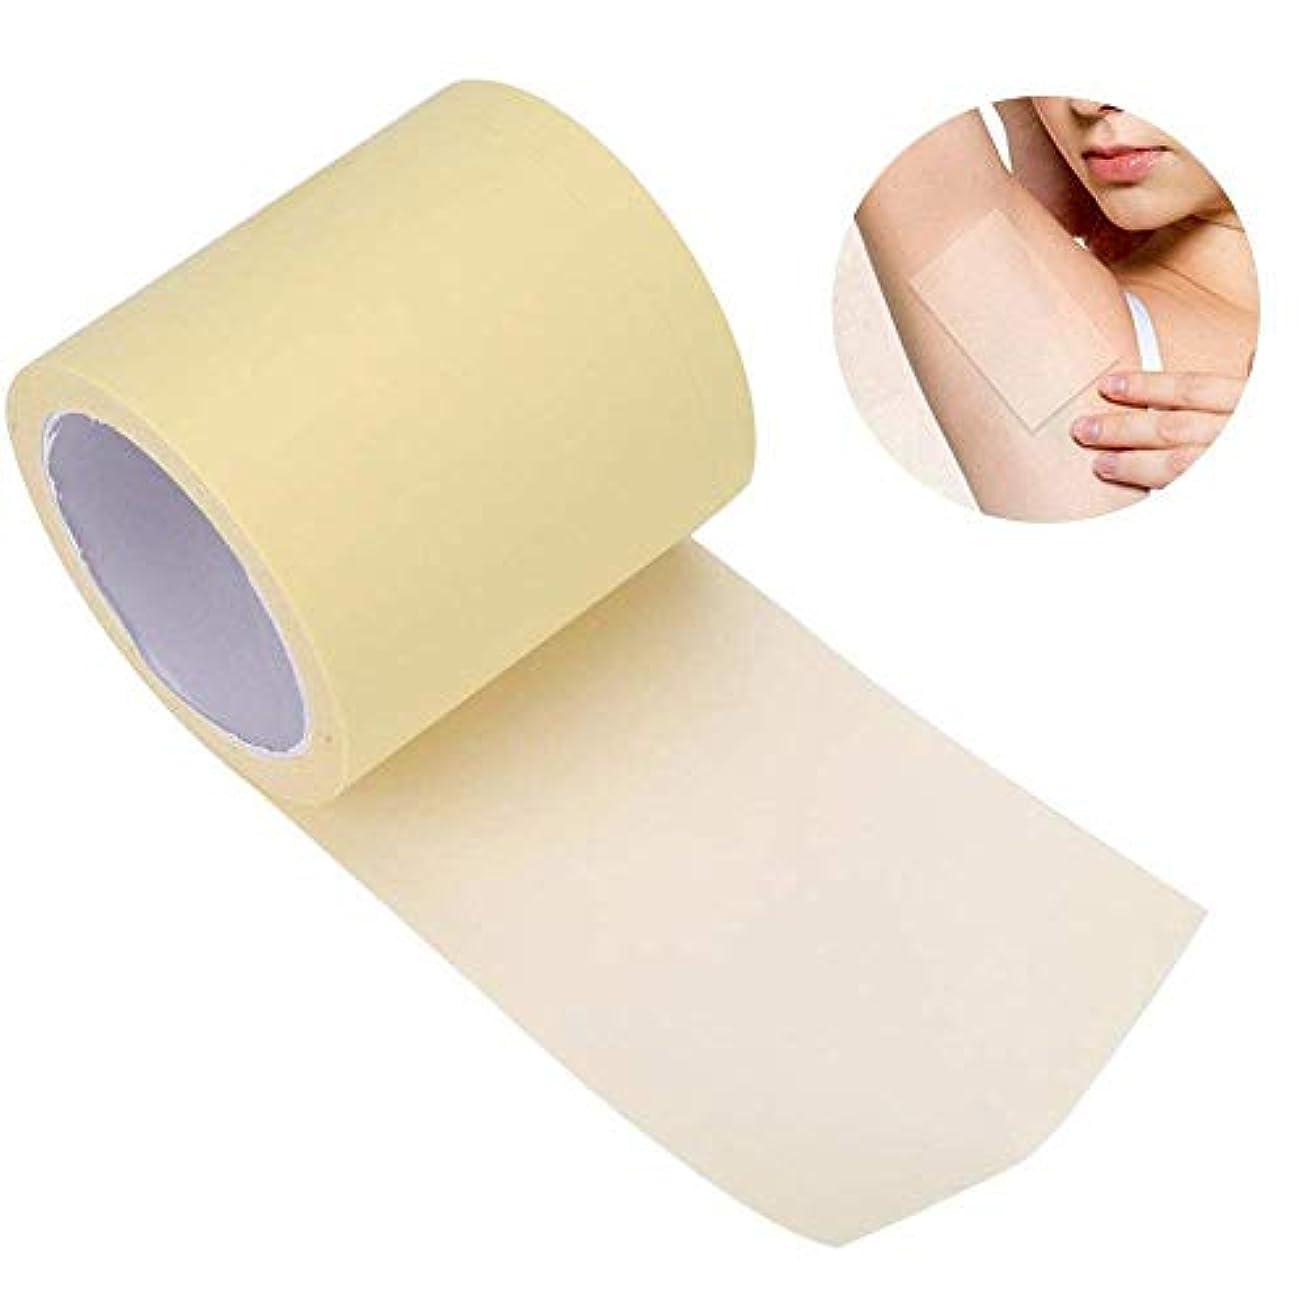 気怠い避難する不振脇の下汗パッド 汗止めパッド 皮膚に優しい 脇の汗染み防止 抗菌加工 皮膚に優しい 男性/女性対応 透明 全長6m 脇の下